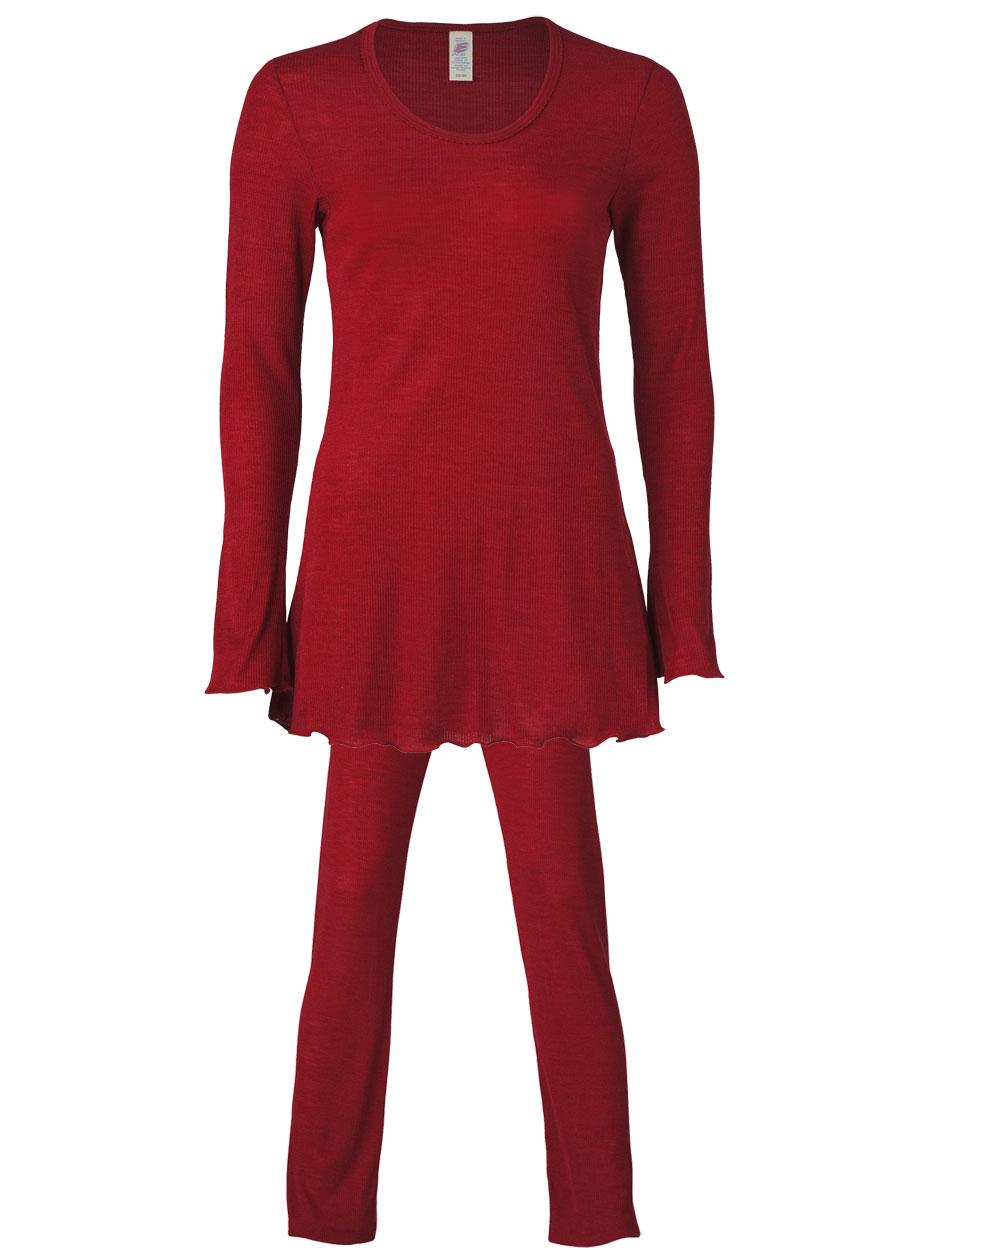 Größe 7 weit verbreitet neu kommen an Damen Pyjama, Engel Natur, Wolle Seide, 2 Farben